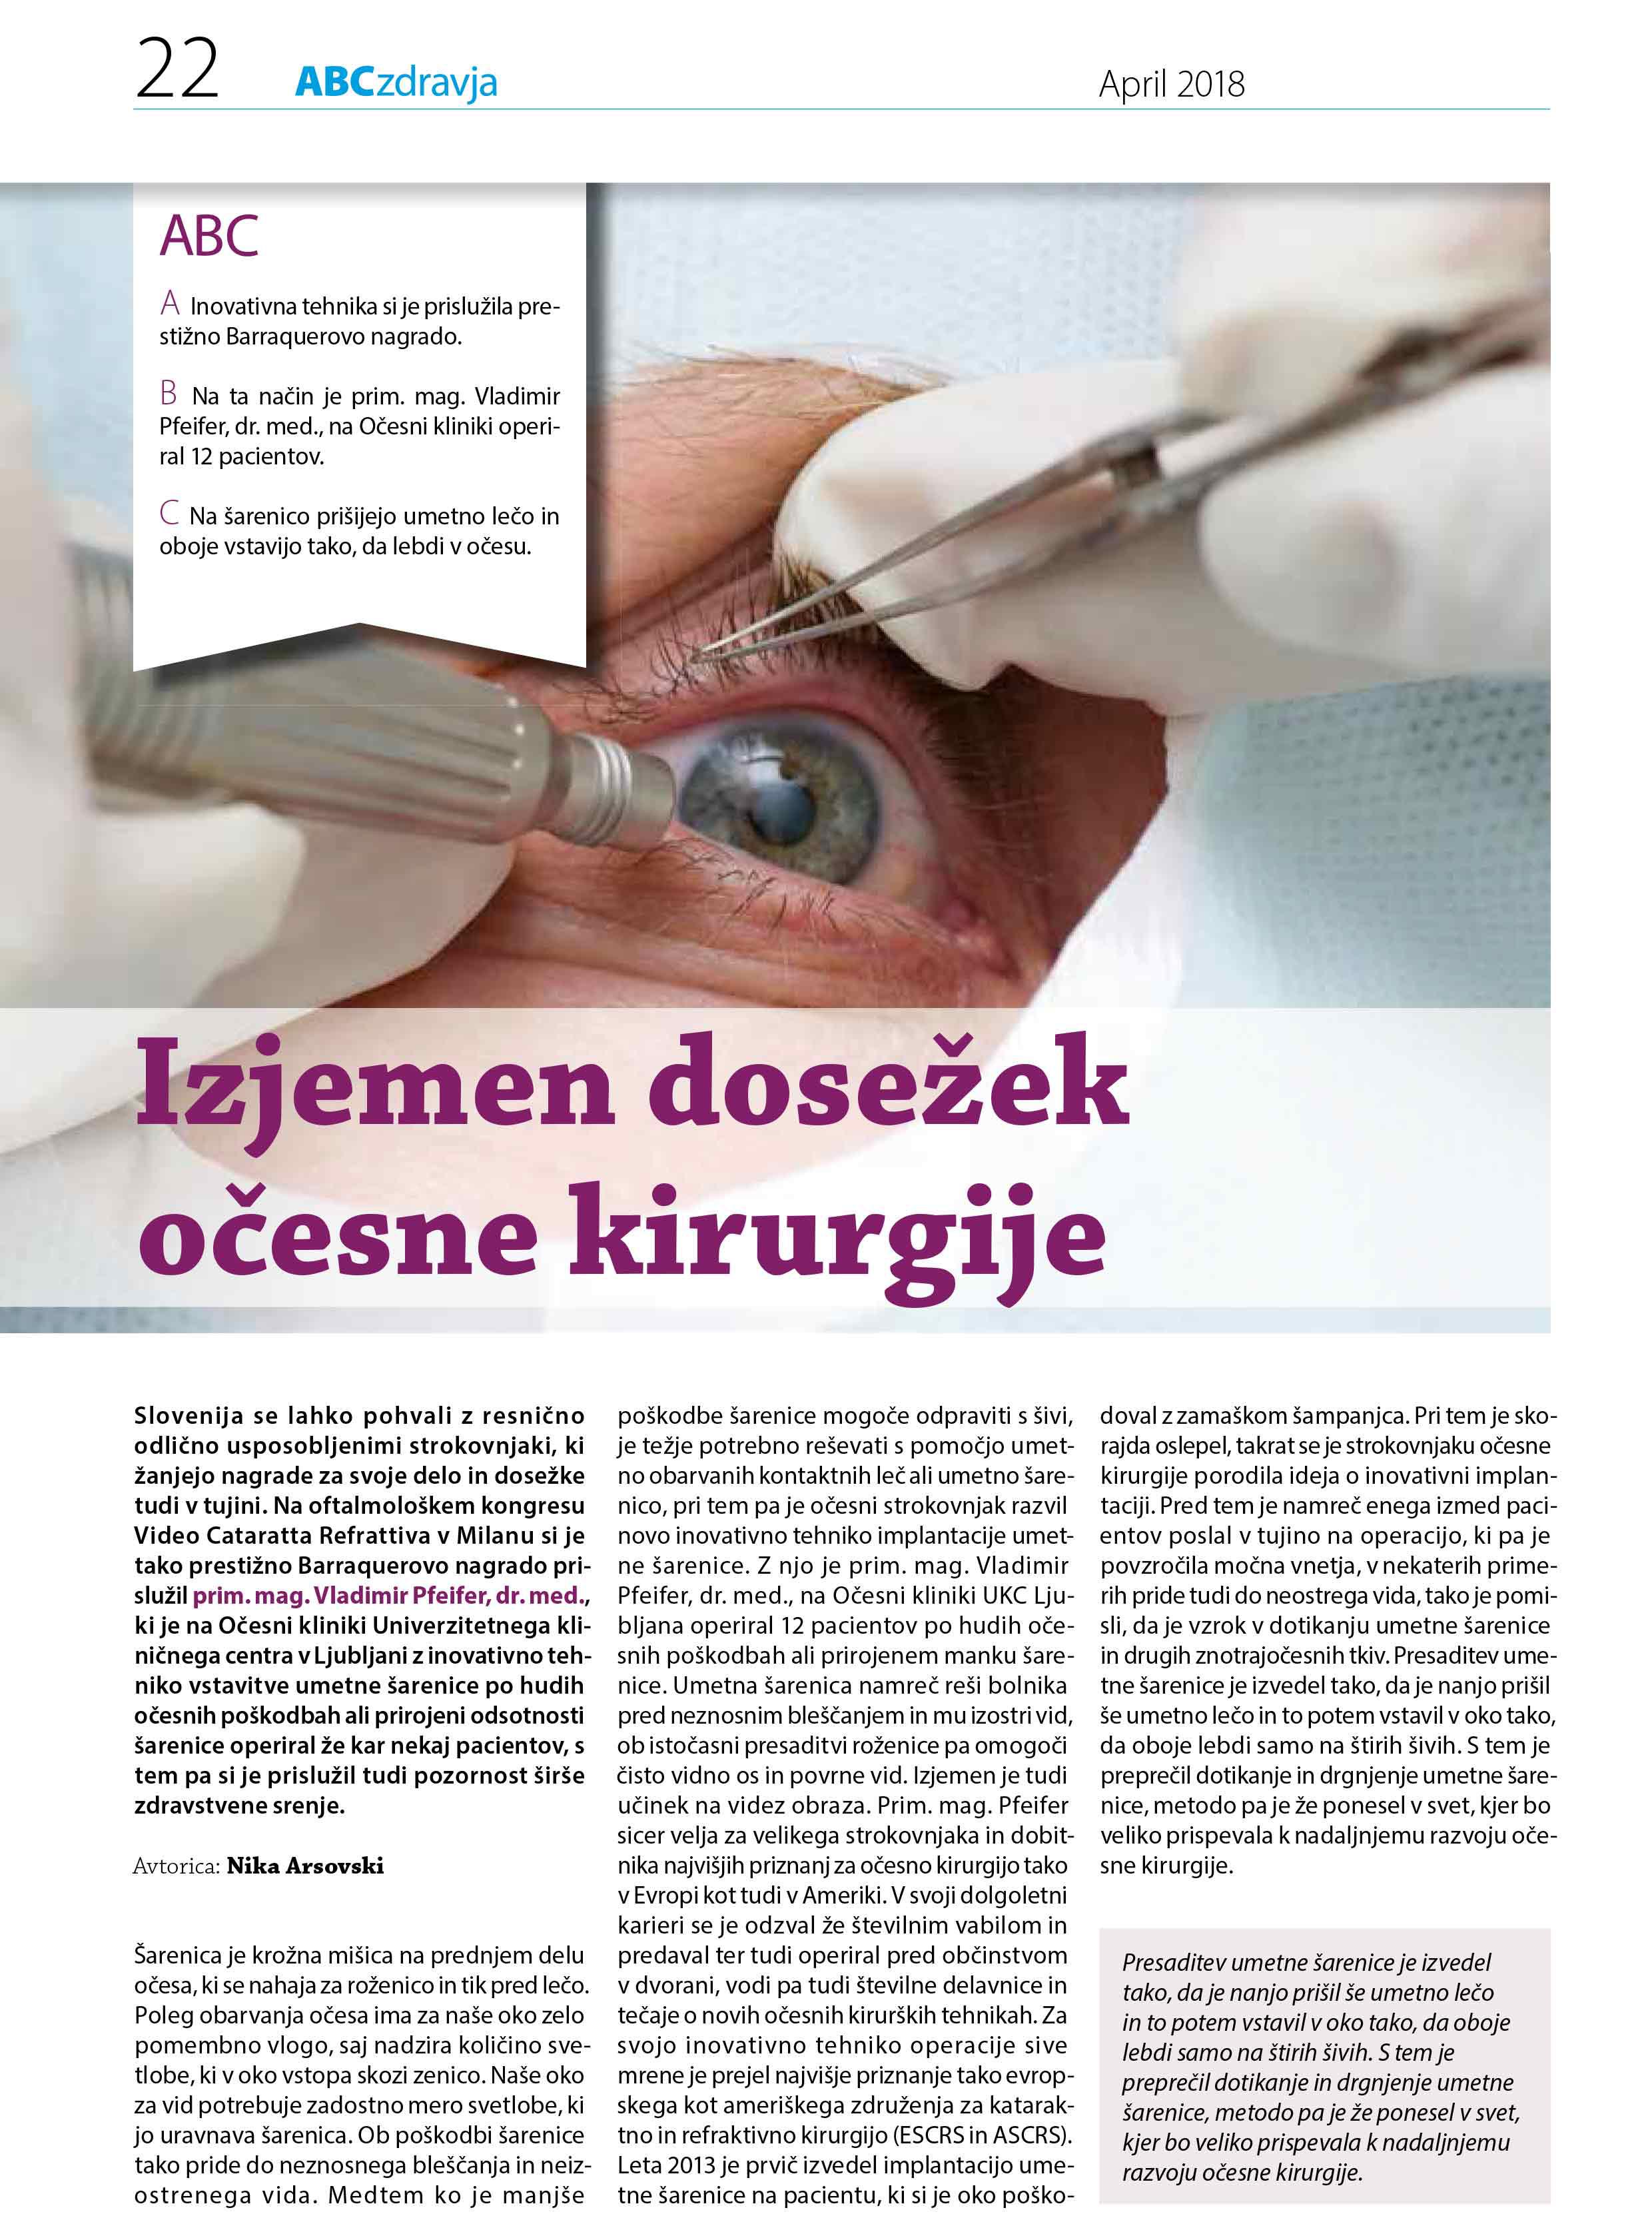 ABC zdravja - Izjemen dosežek očesne kirurgije